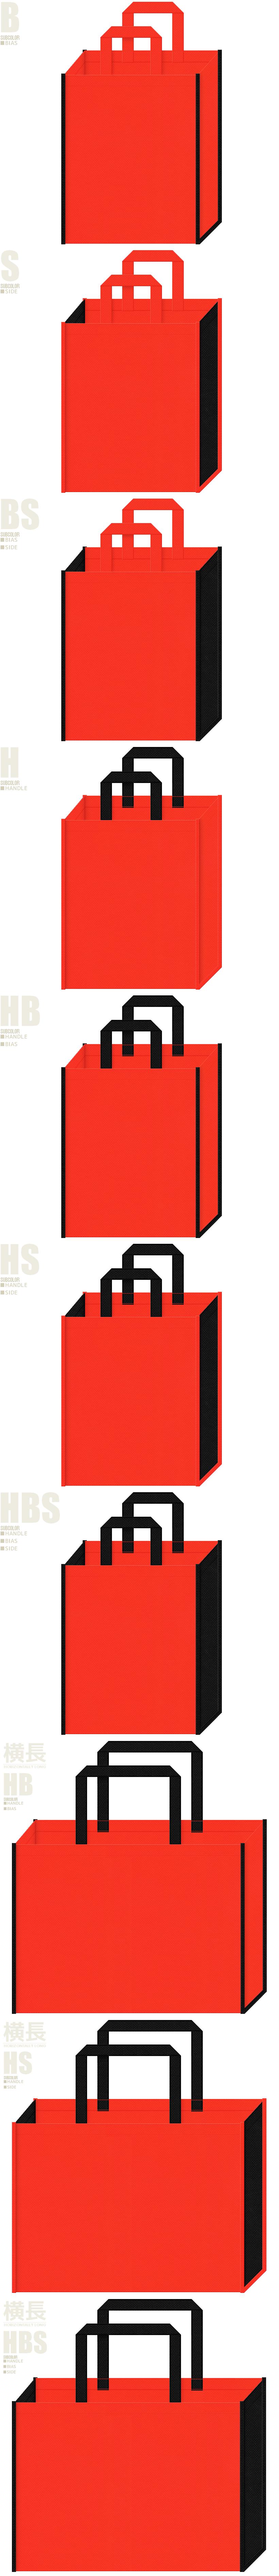 ハロウィン・アウトドア・スポーツイベントにお奨めの、オレンジ色と黒色-7パターンの不織布トートバッグ配色デザイン例。